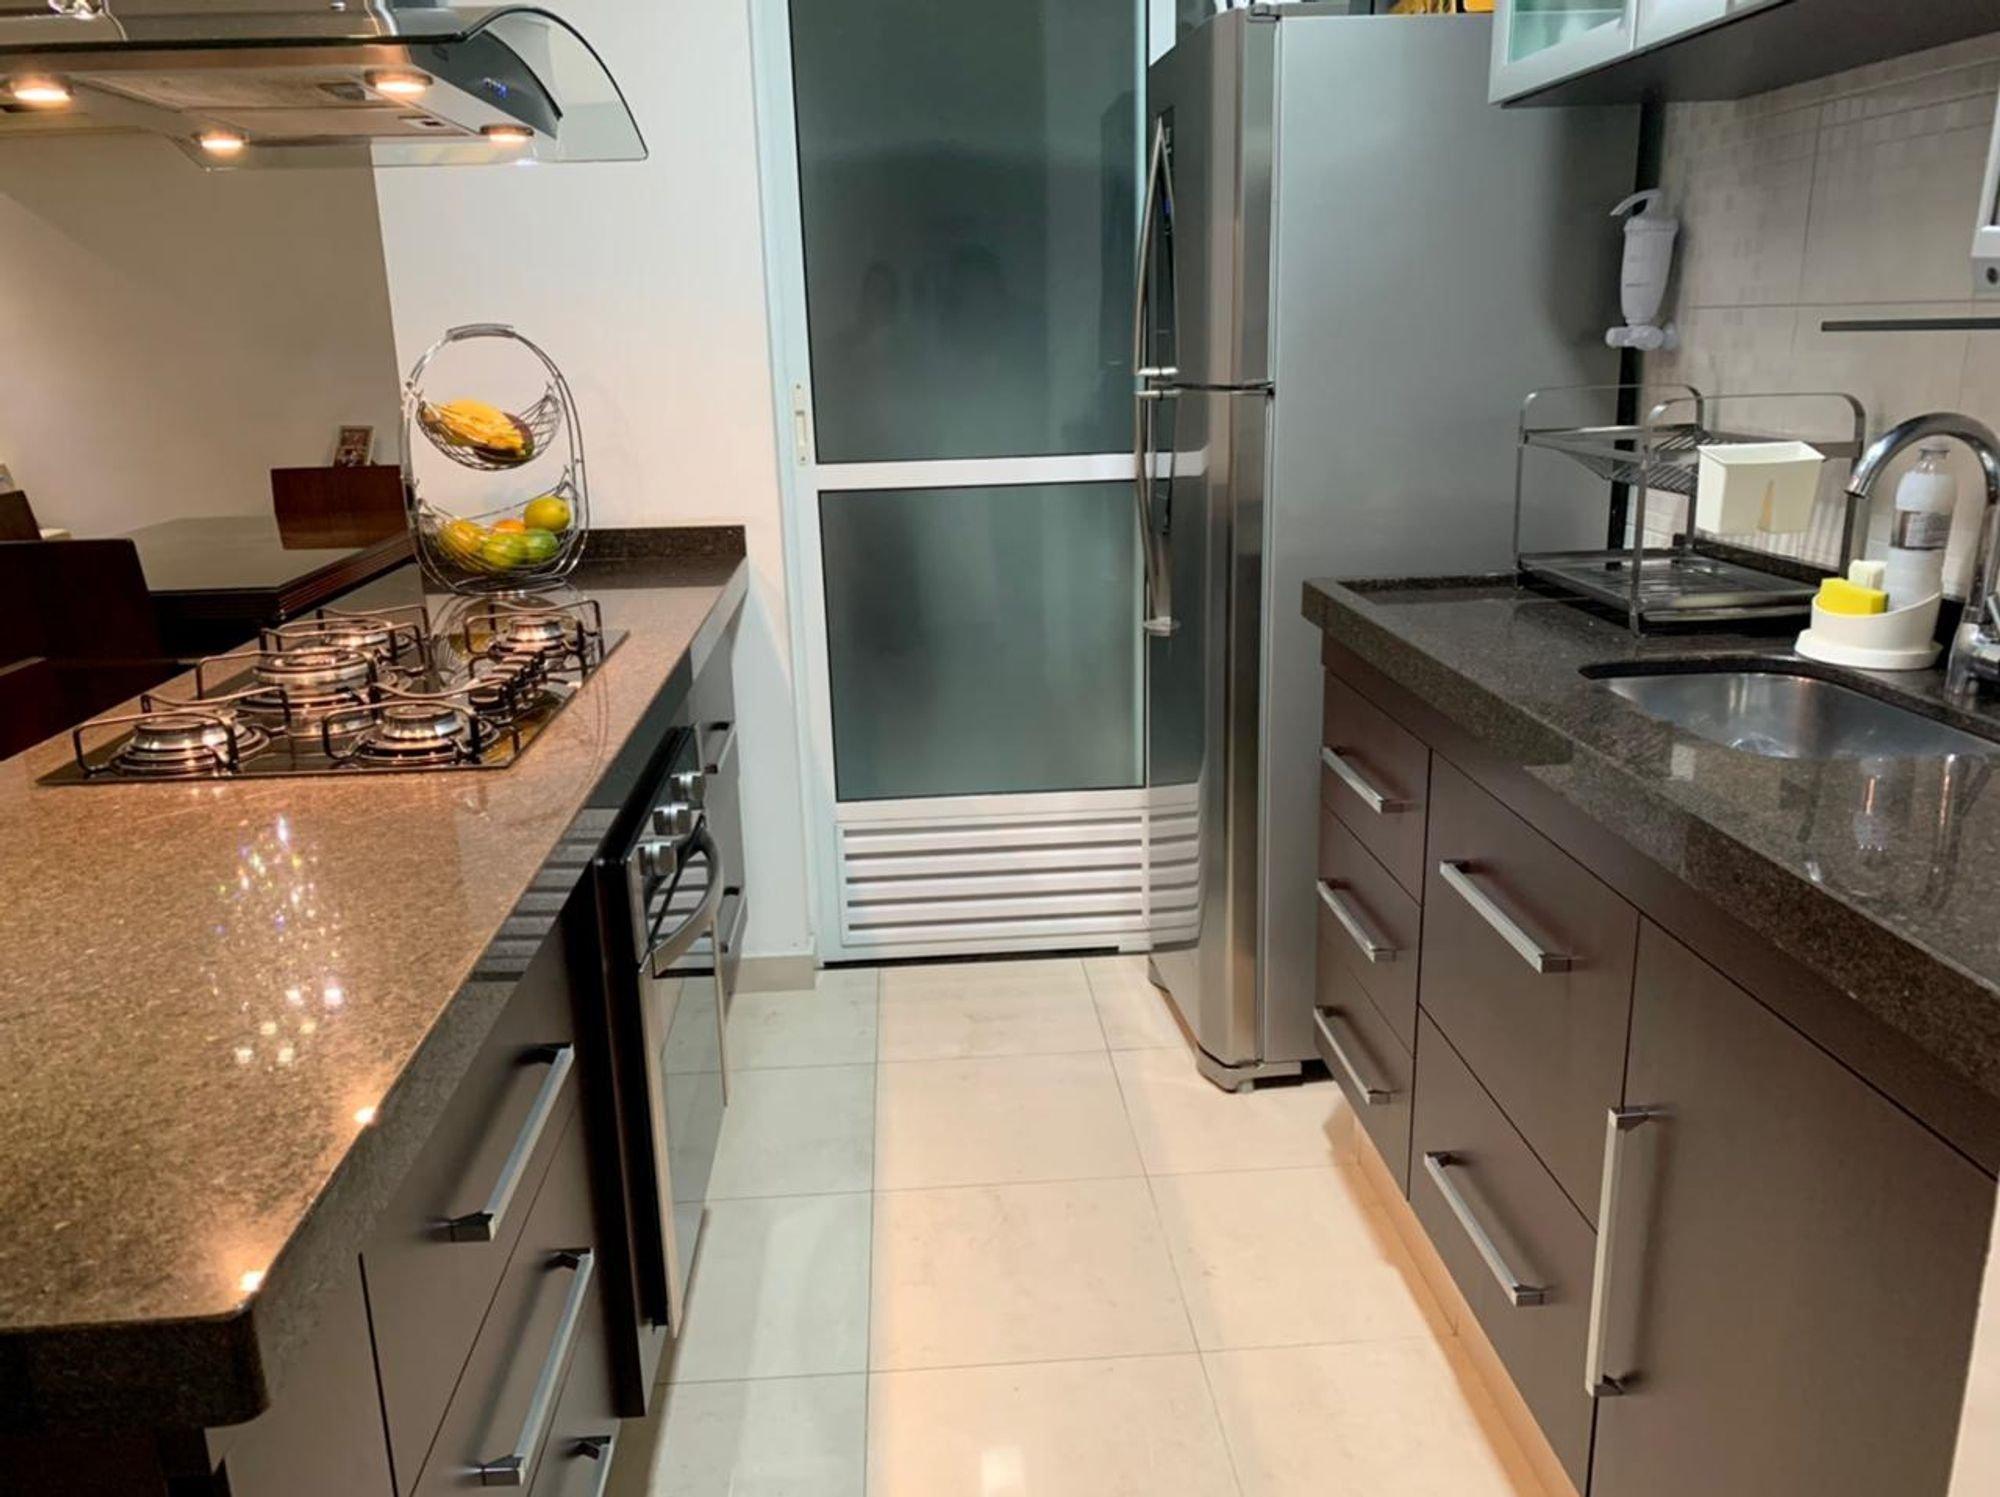 Foto de Cozinha com forno, geladeira, pia, cadeira